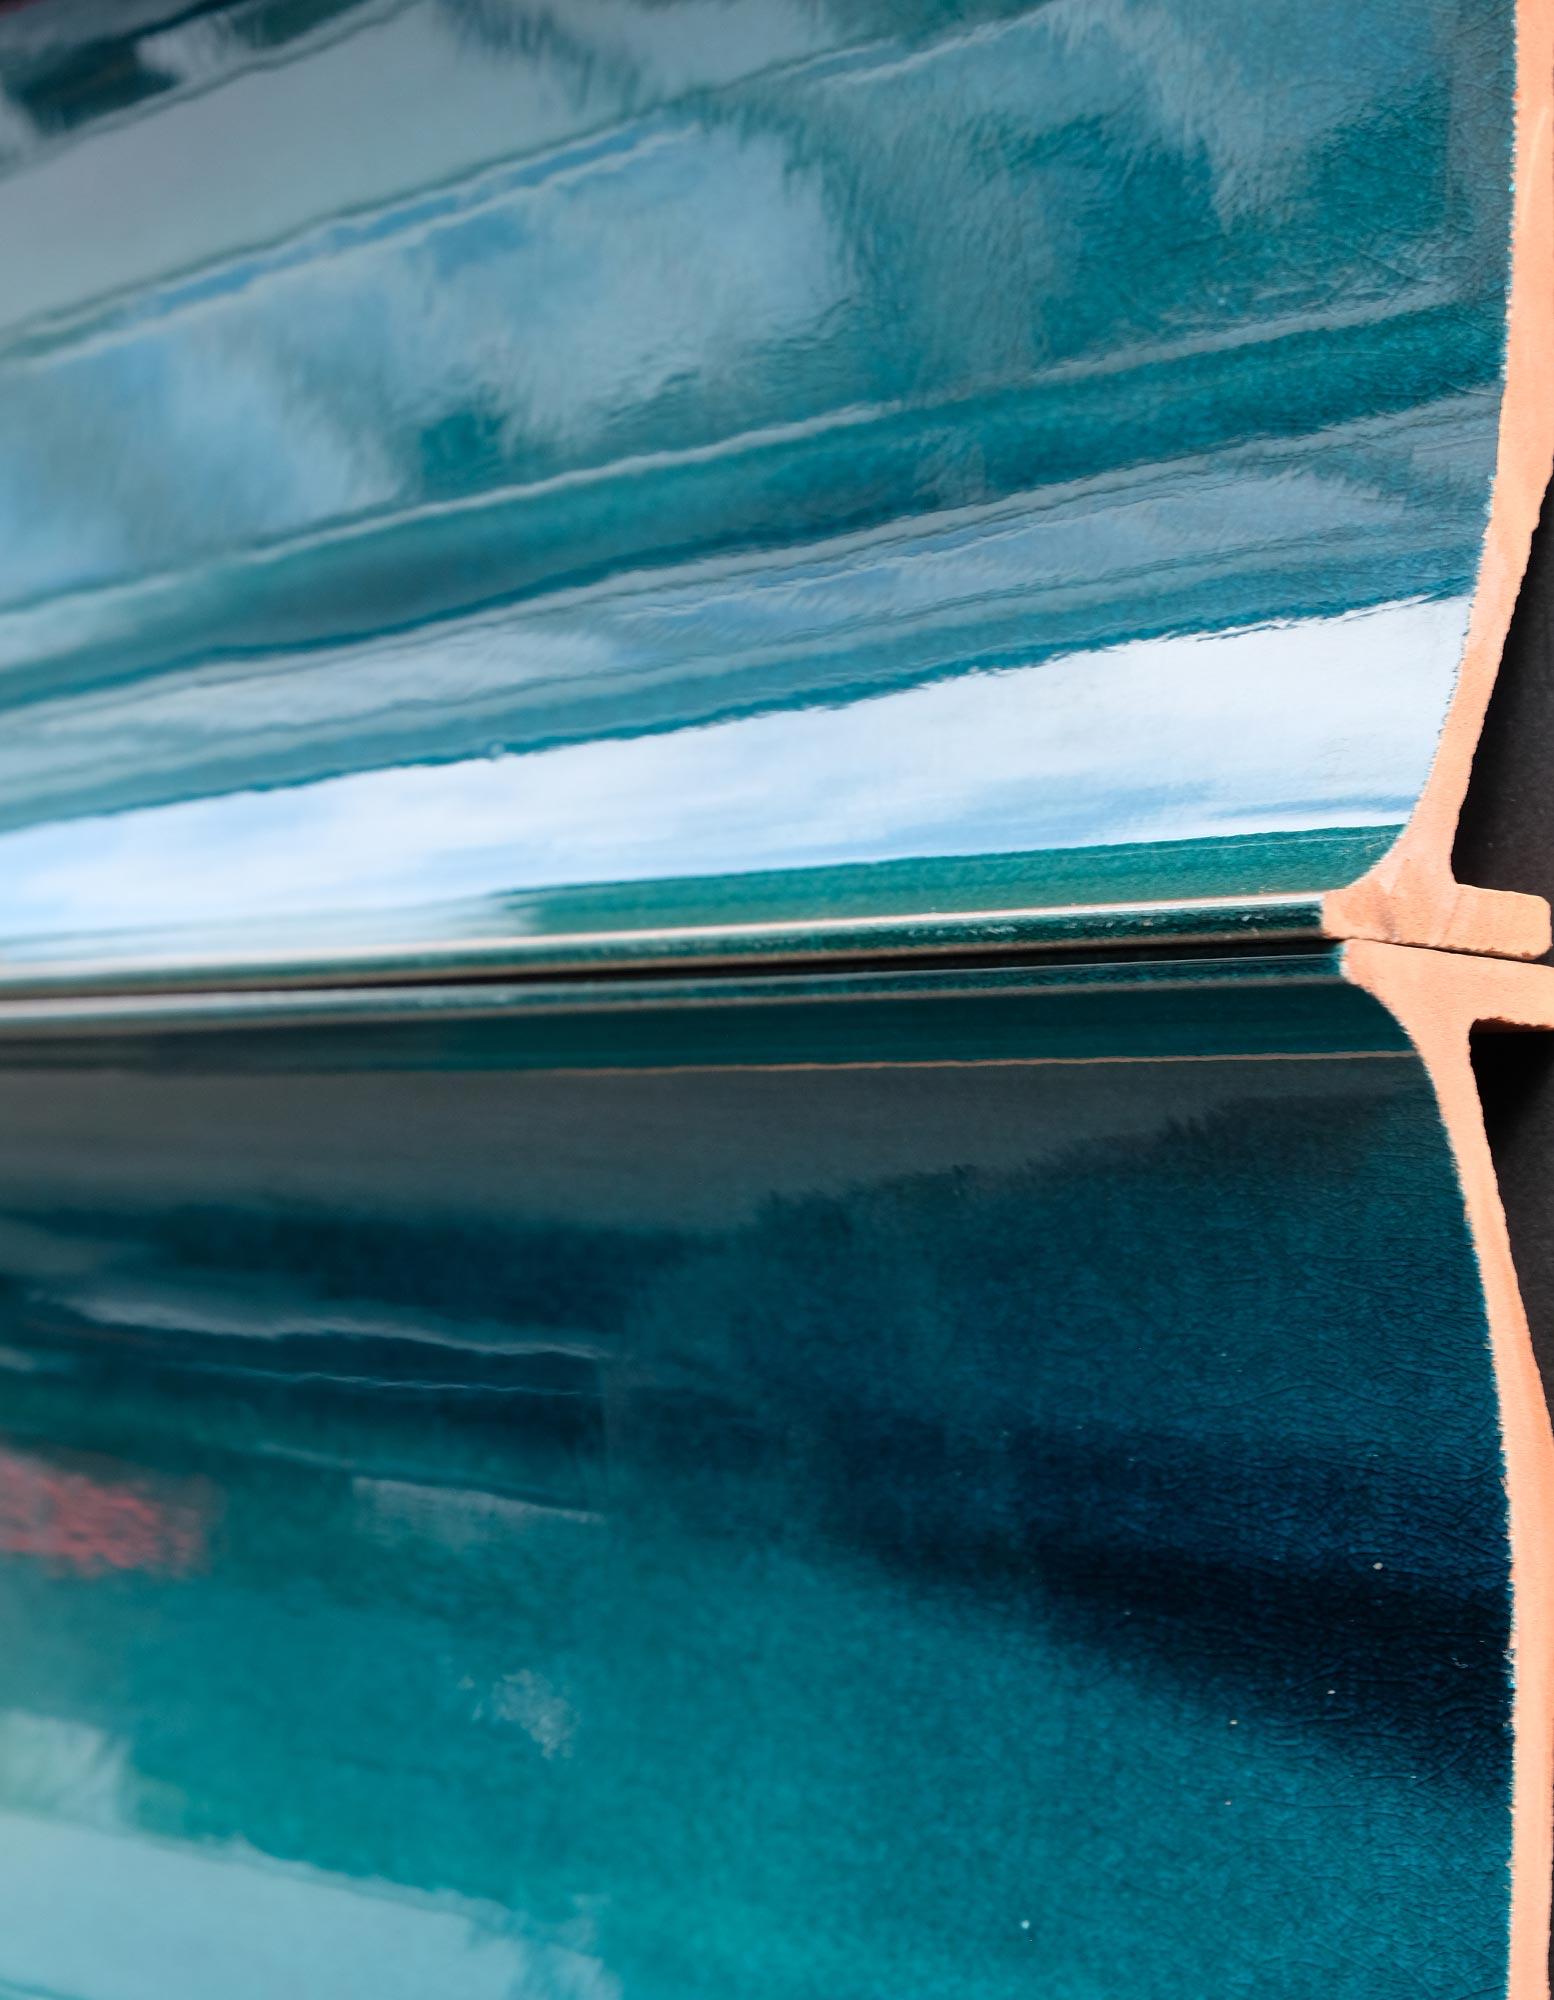 wandpaneele-keramik-wandfliesen-glasiert-blue-voyager-seitlich-b